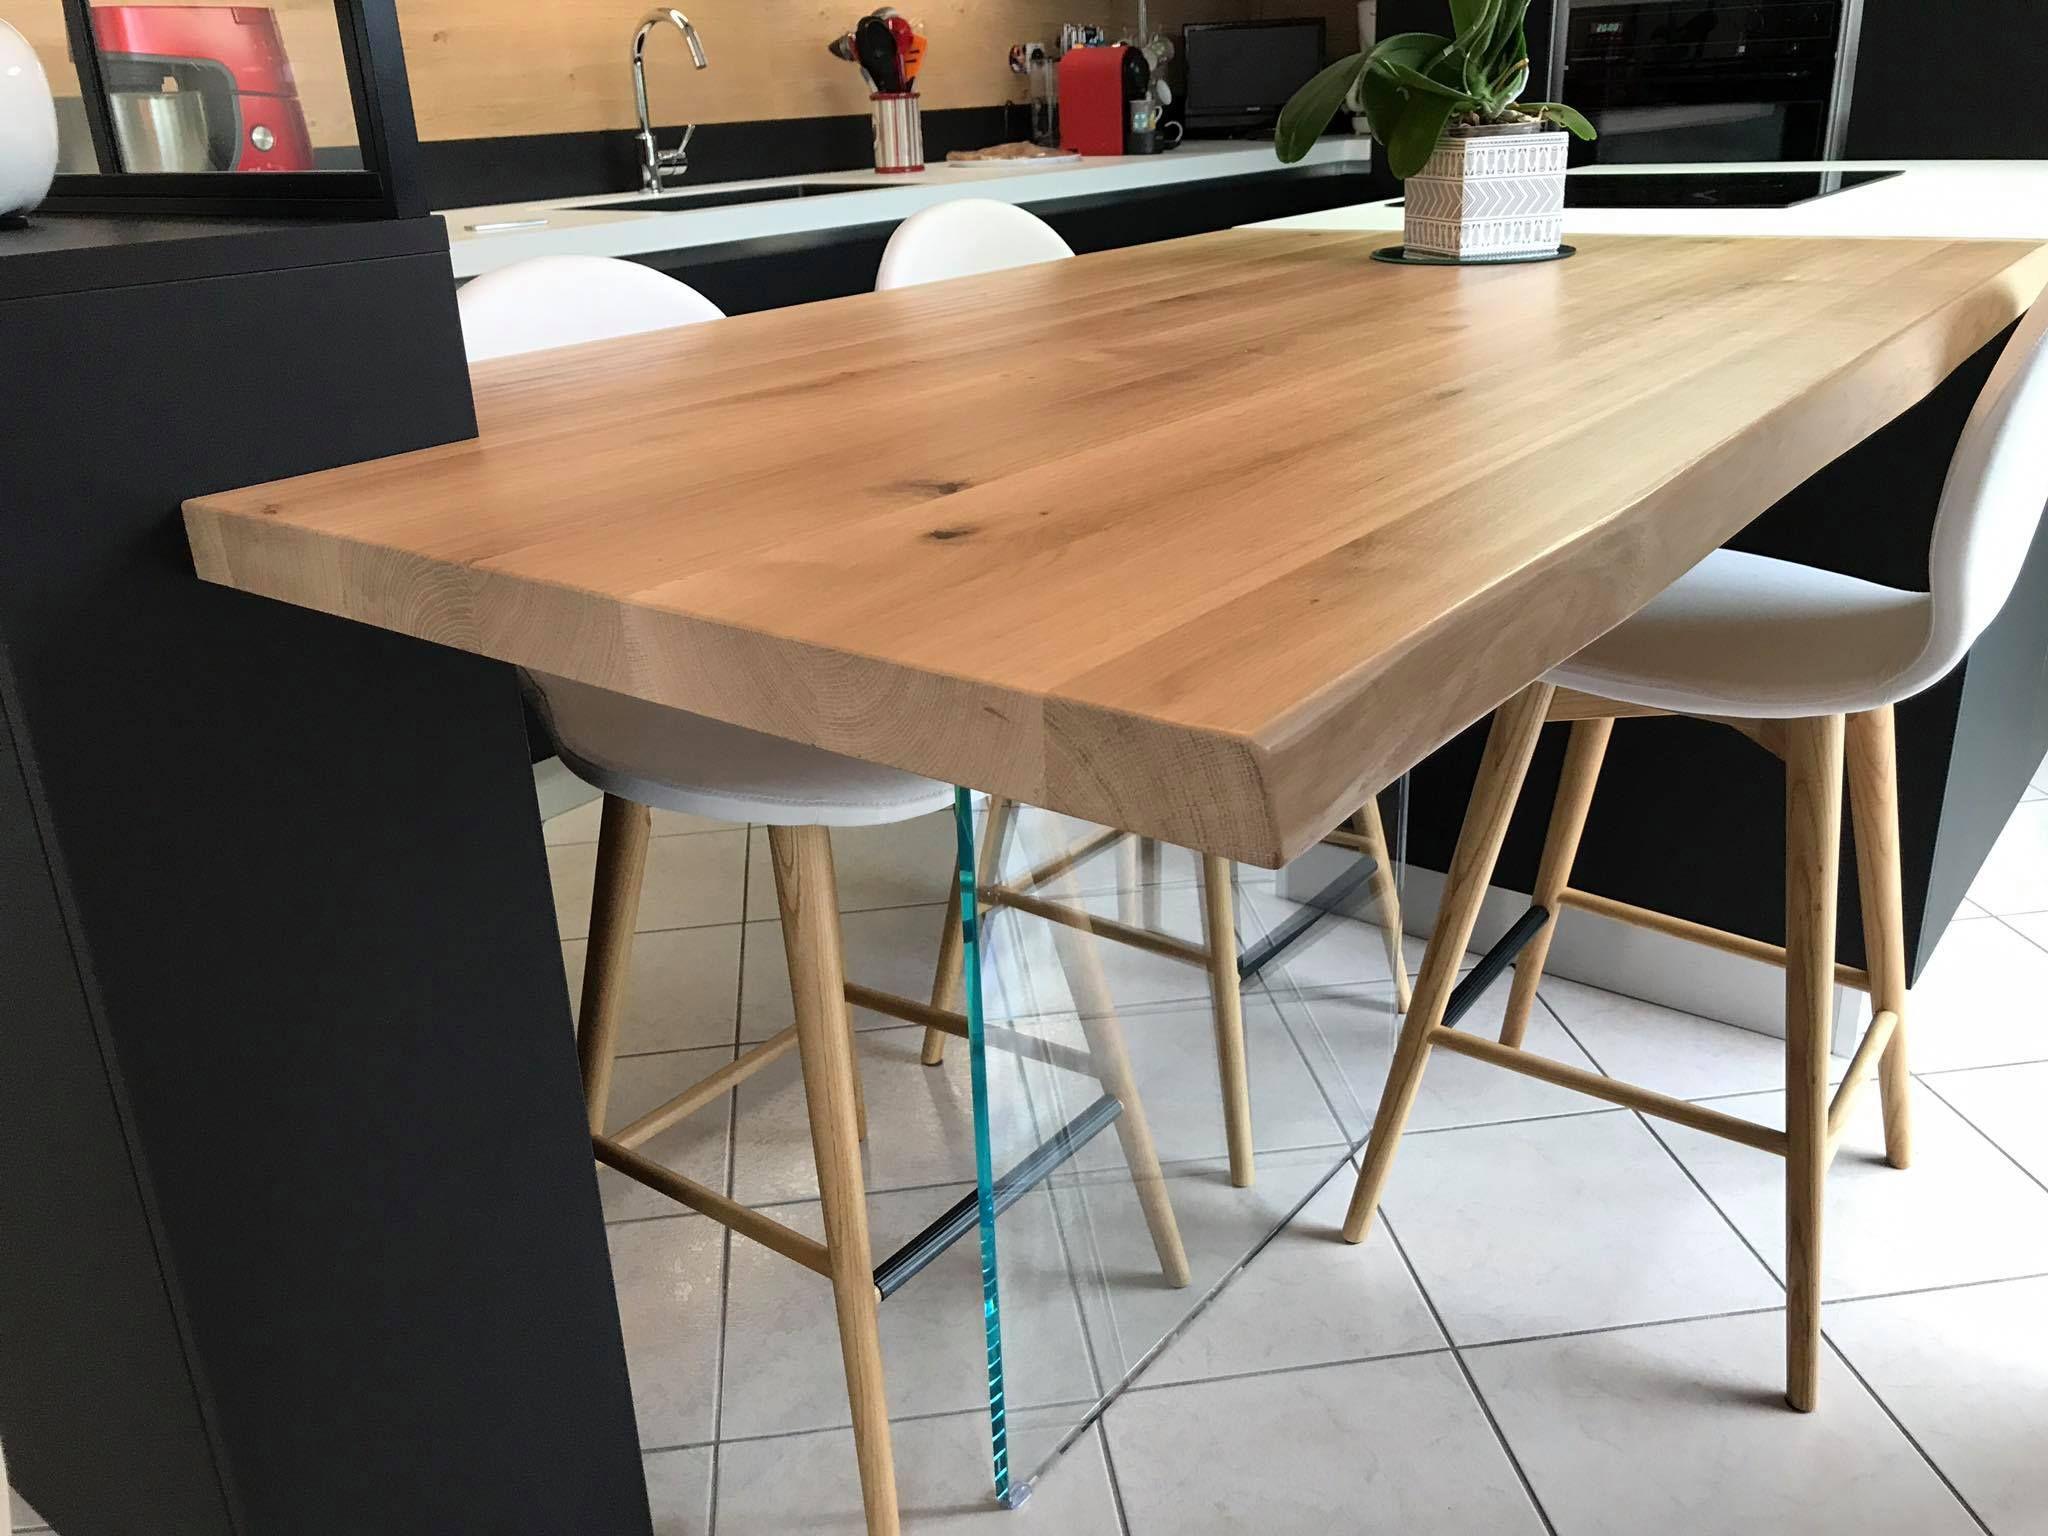 Table En Chene Massif A Bords Irreguliers Soutenu Par Un Pietement En Verre Securit Et Fixee A La Verriere Cuisines Design Cuisine Moderne Amenagement Cuisine